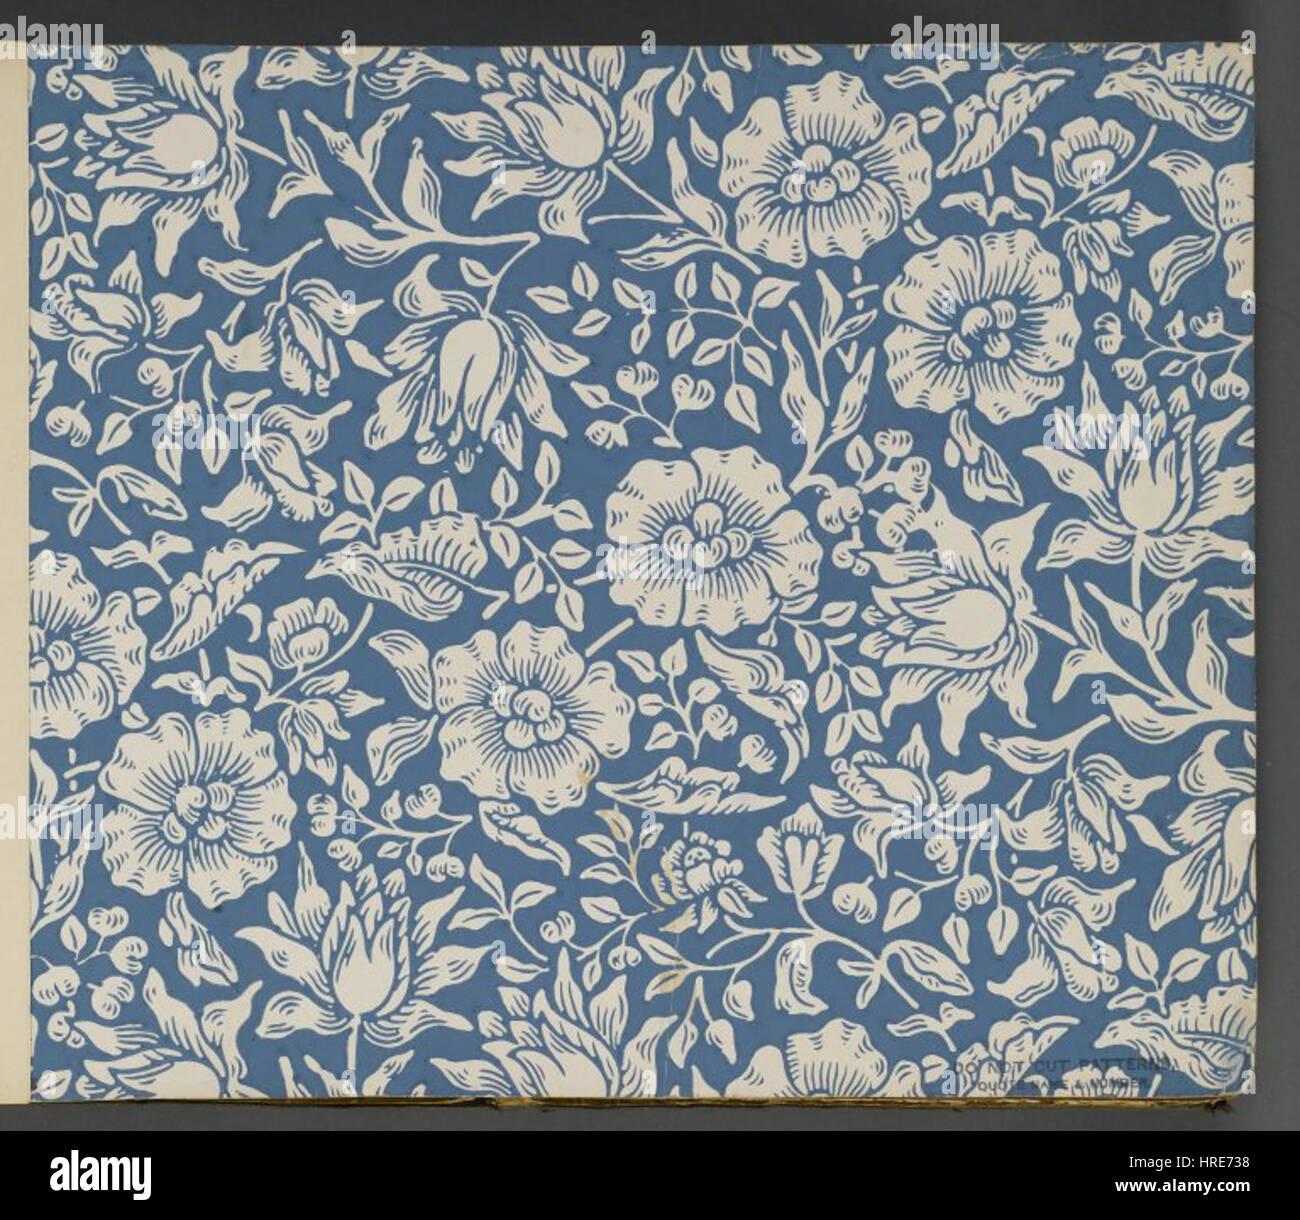 Brooklyn Museum - Wallpaper Sample Book 2 - William Morris and ...